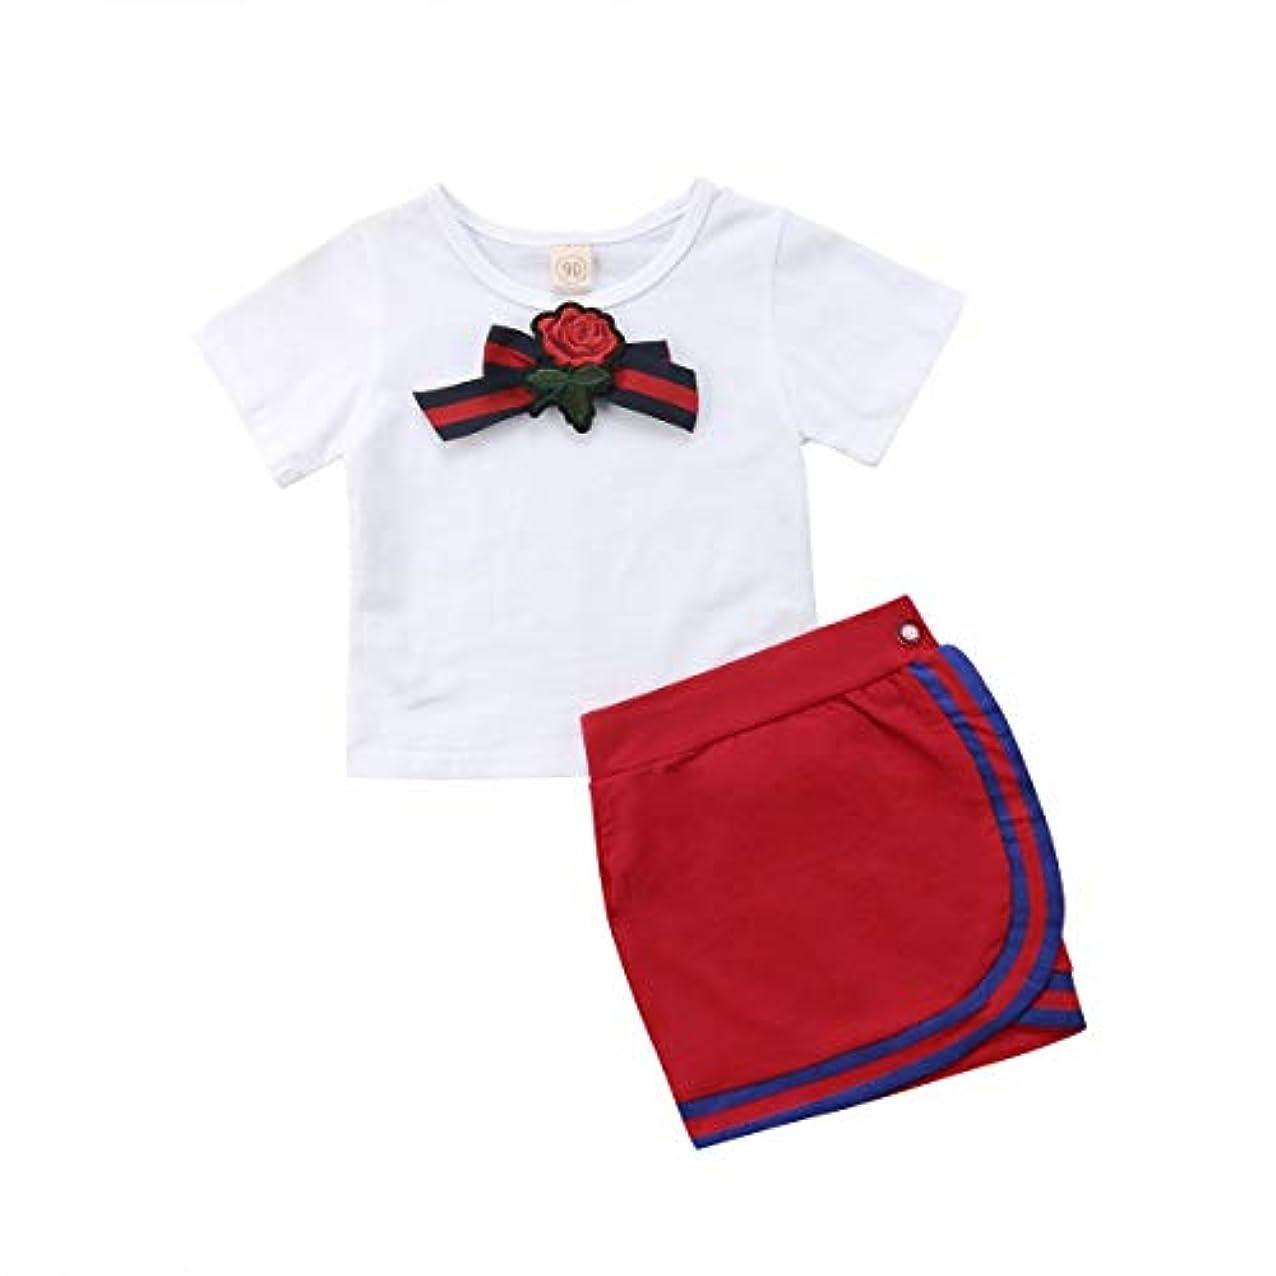 汚いメニュー全滅させるOnderroa - 女子制服新生児キッズベビー は蝶の花タイのTシャツショートミニスカートパーティーウェディングチュチュドレストップス設定します。